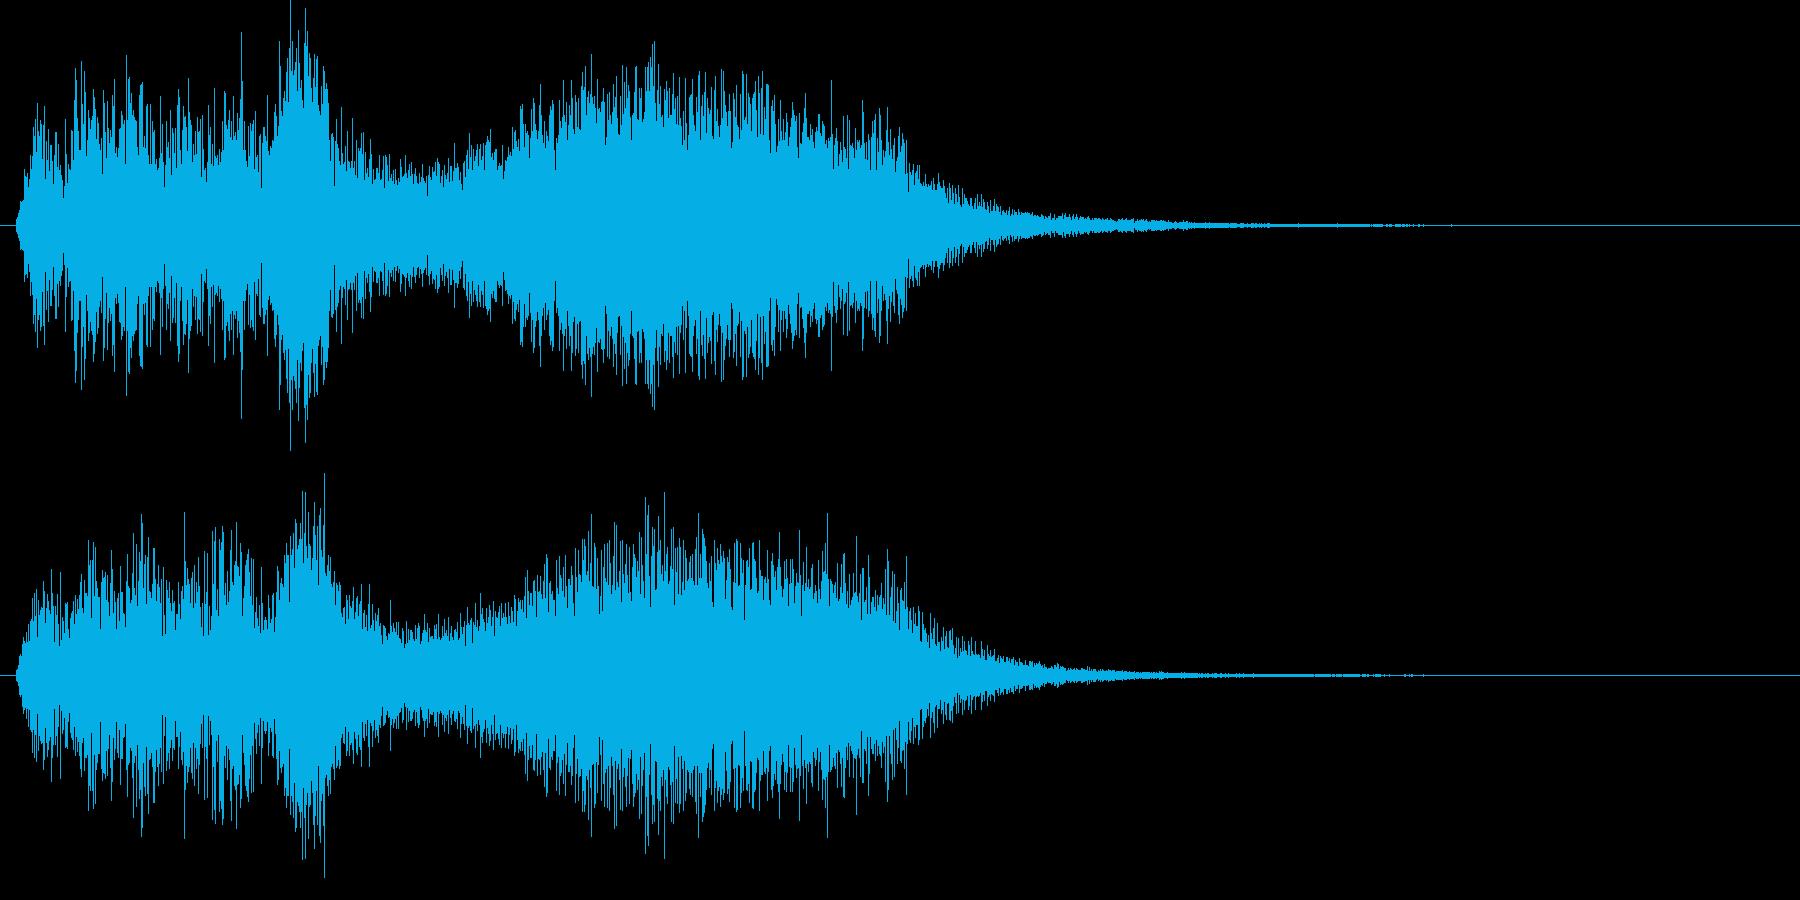 ストリングスによるサスペンス風ジングルの再生済みの波形